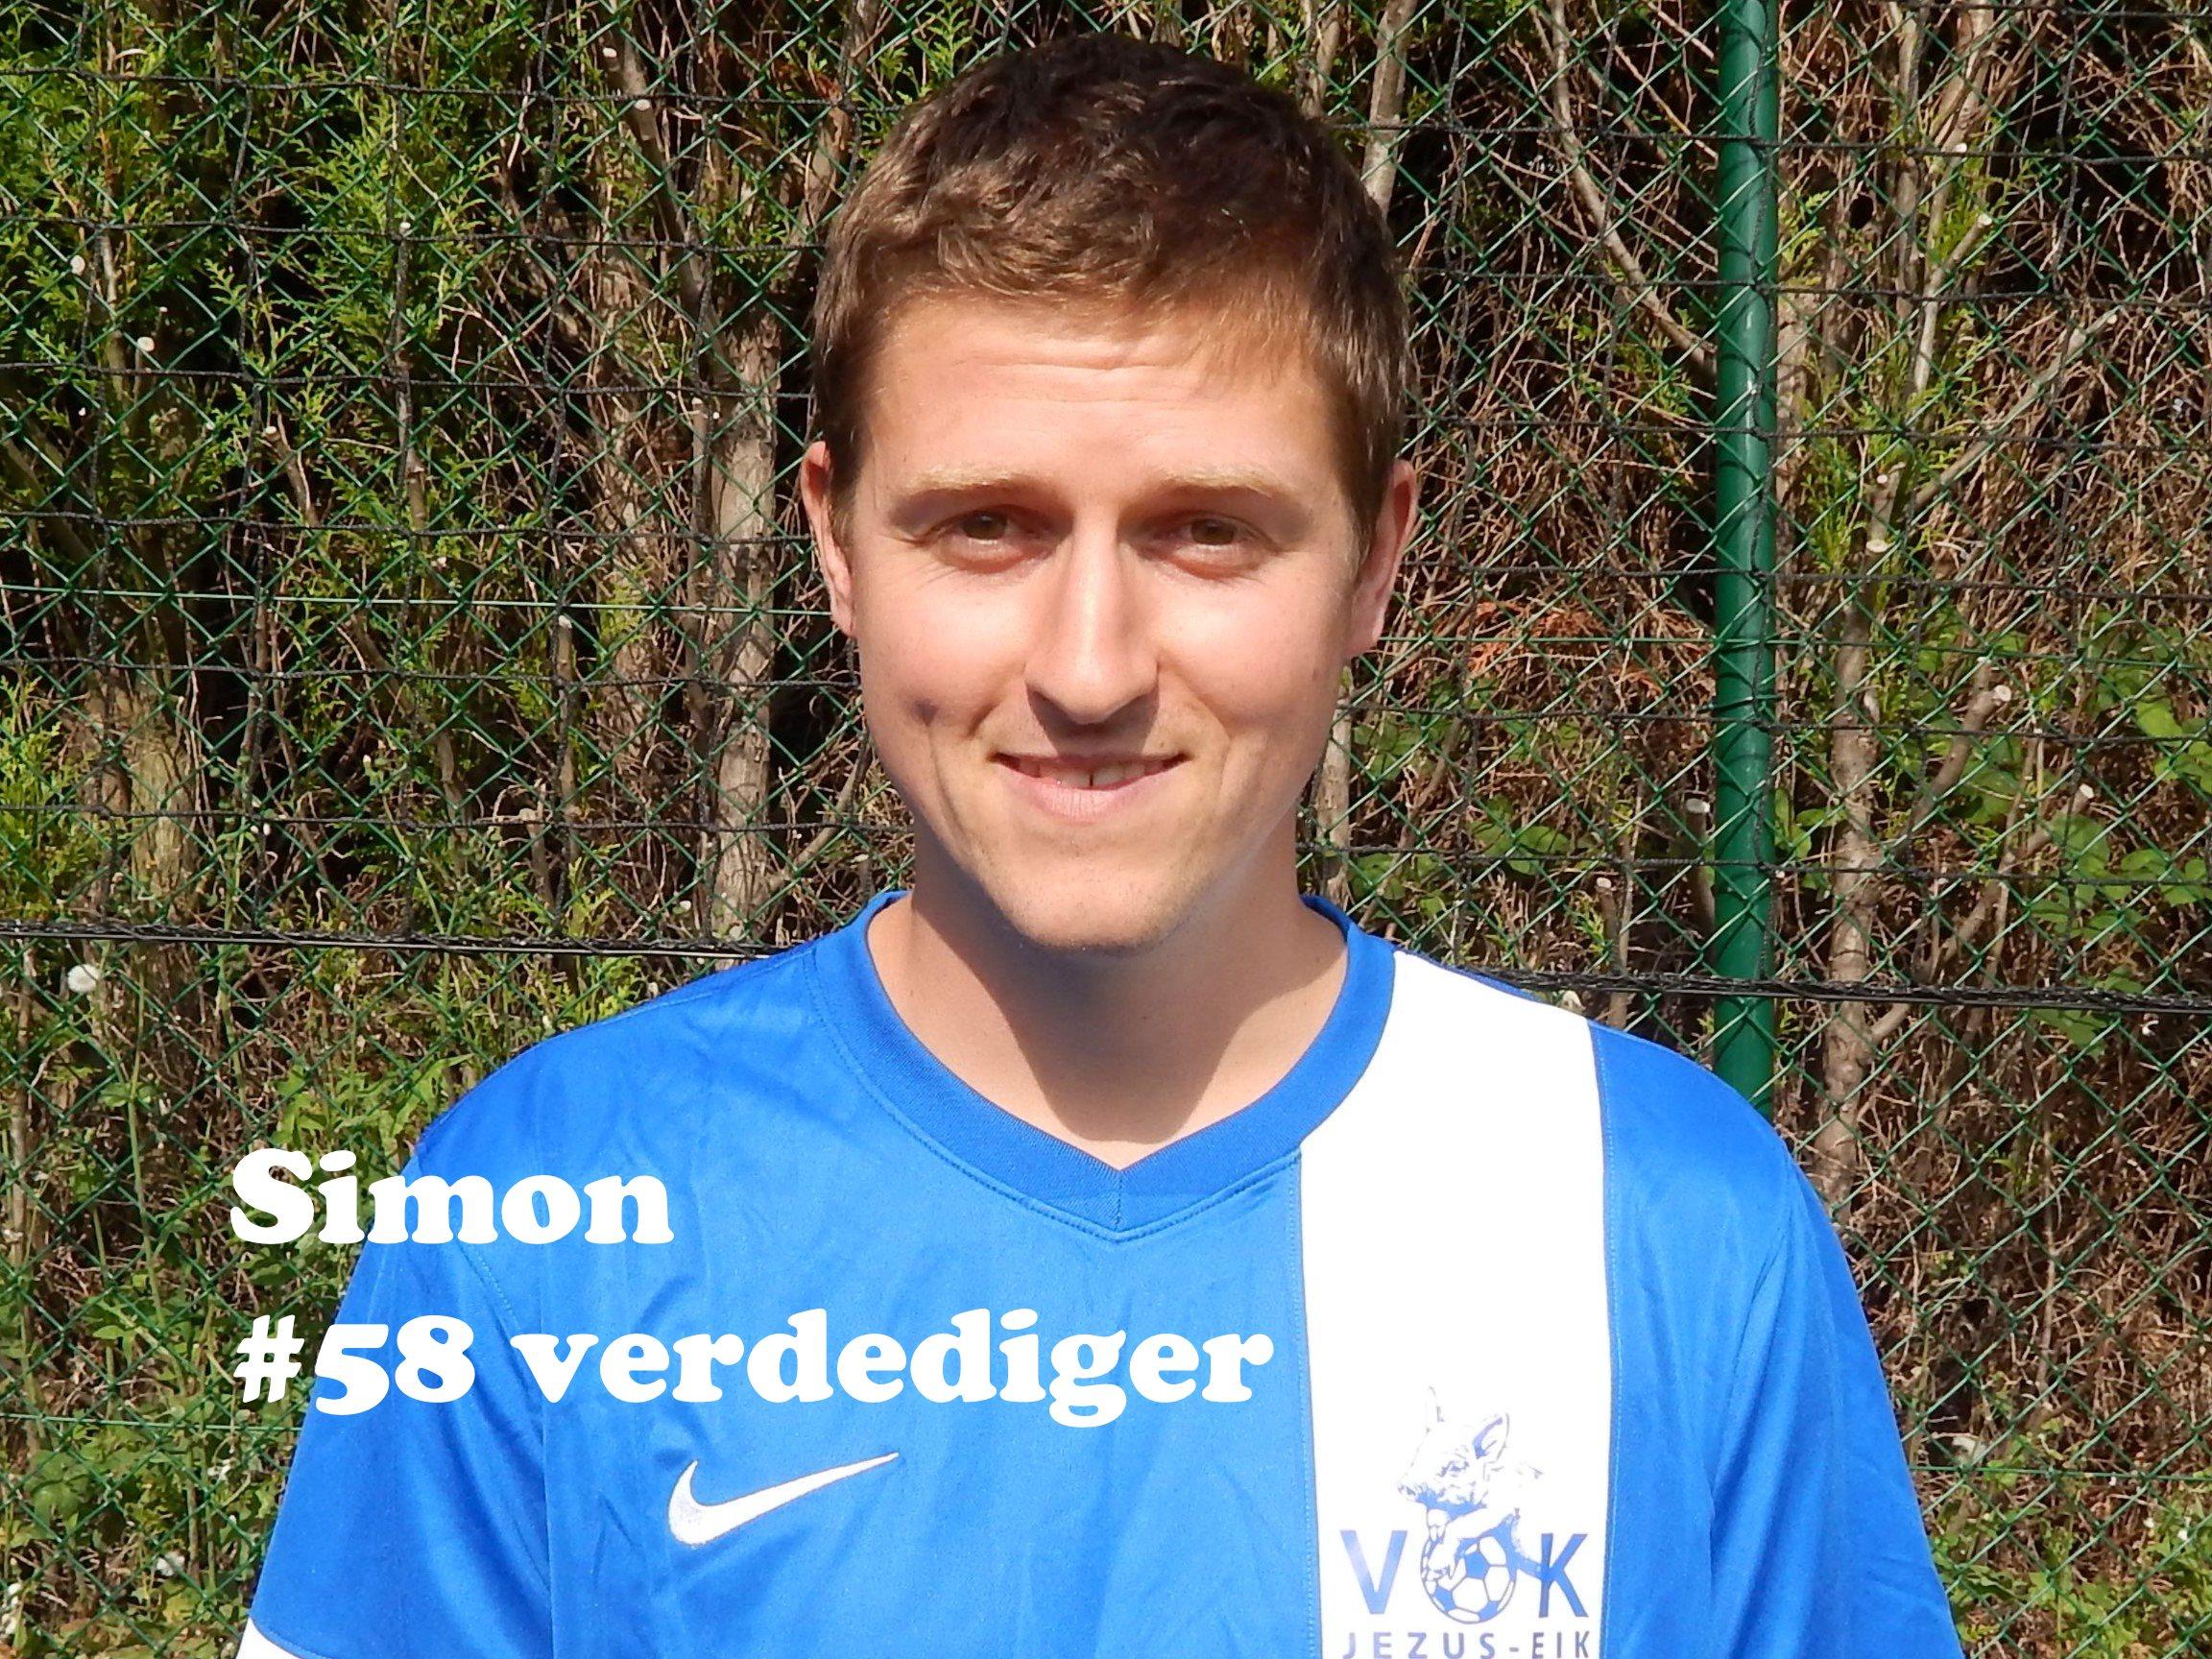 Simon - Verdediger - 58